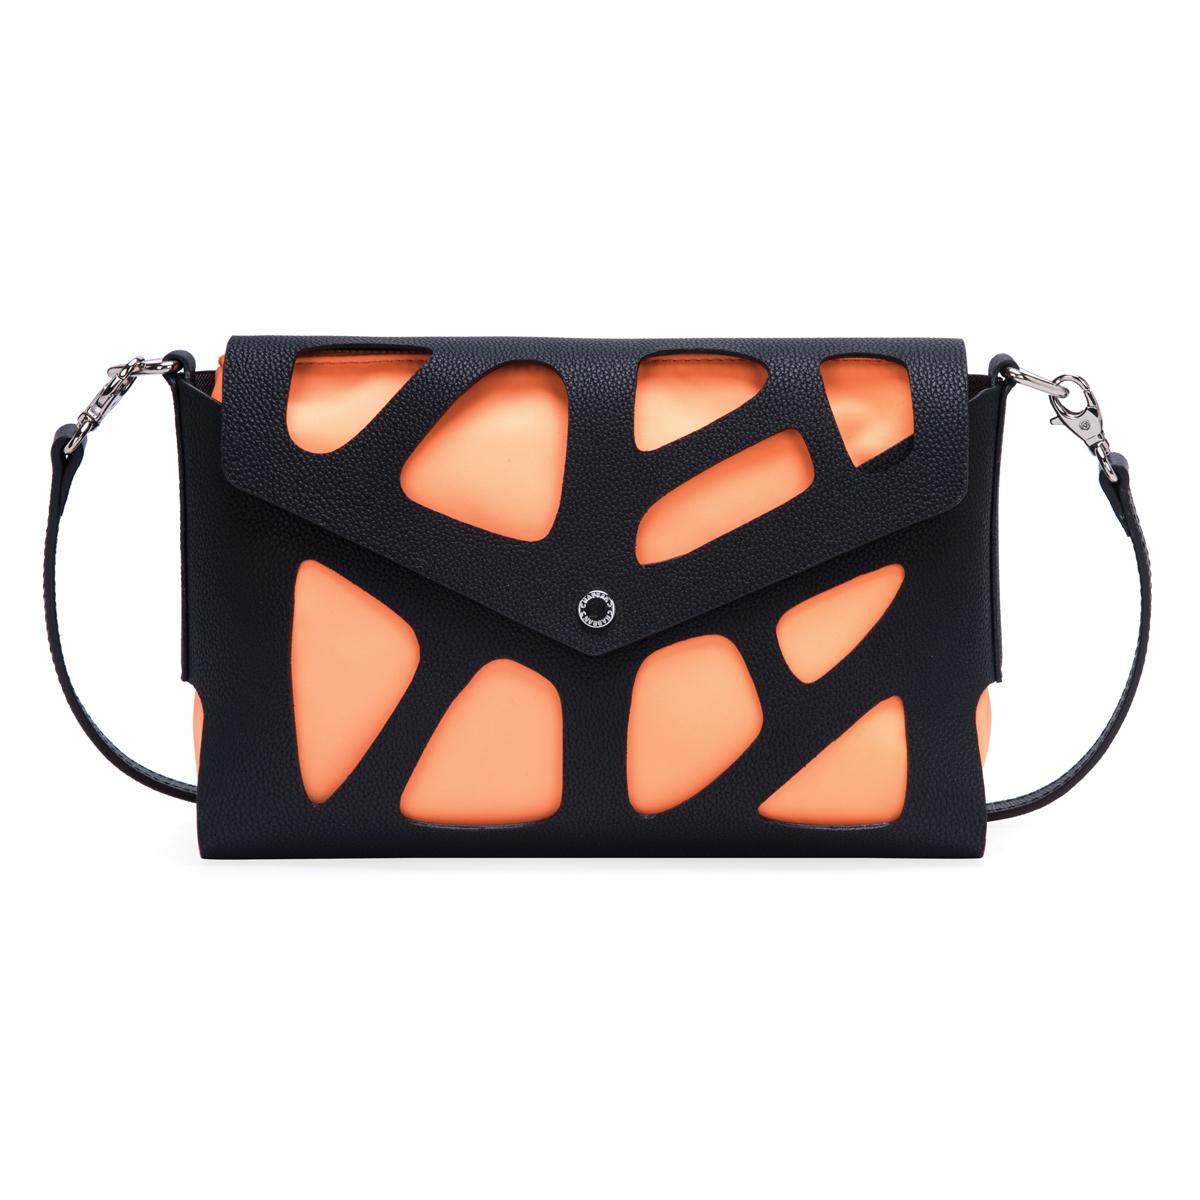 Sac créateur \'Chabrand\' orange noir - 25x18x8 cm - [R1743]